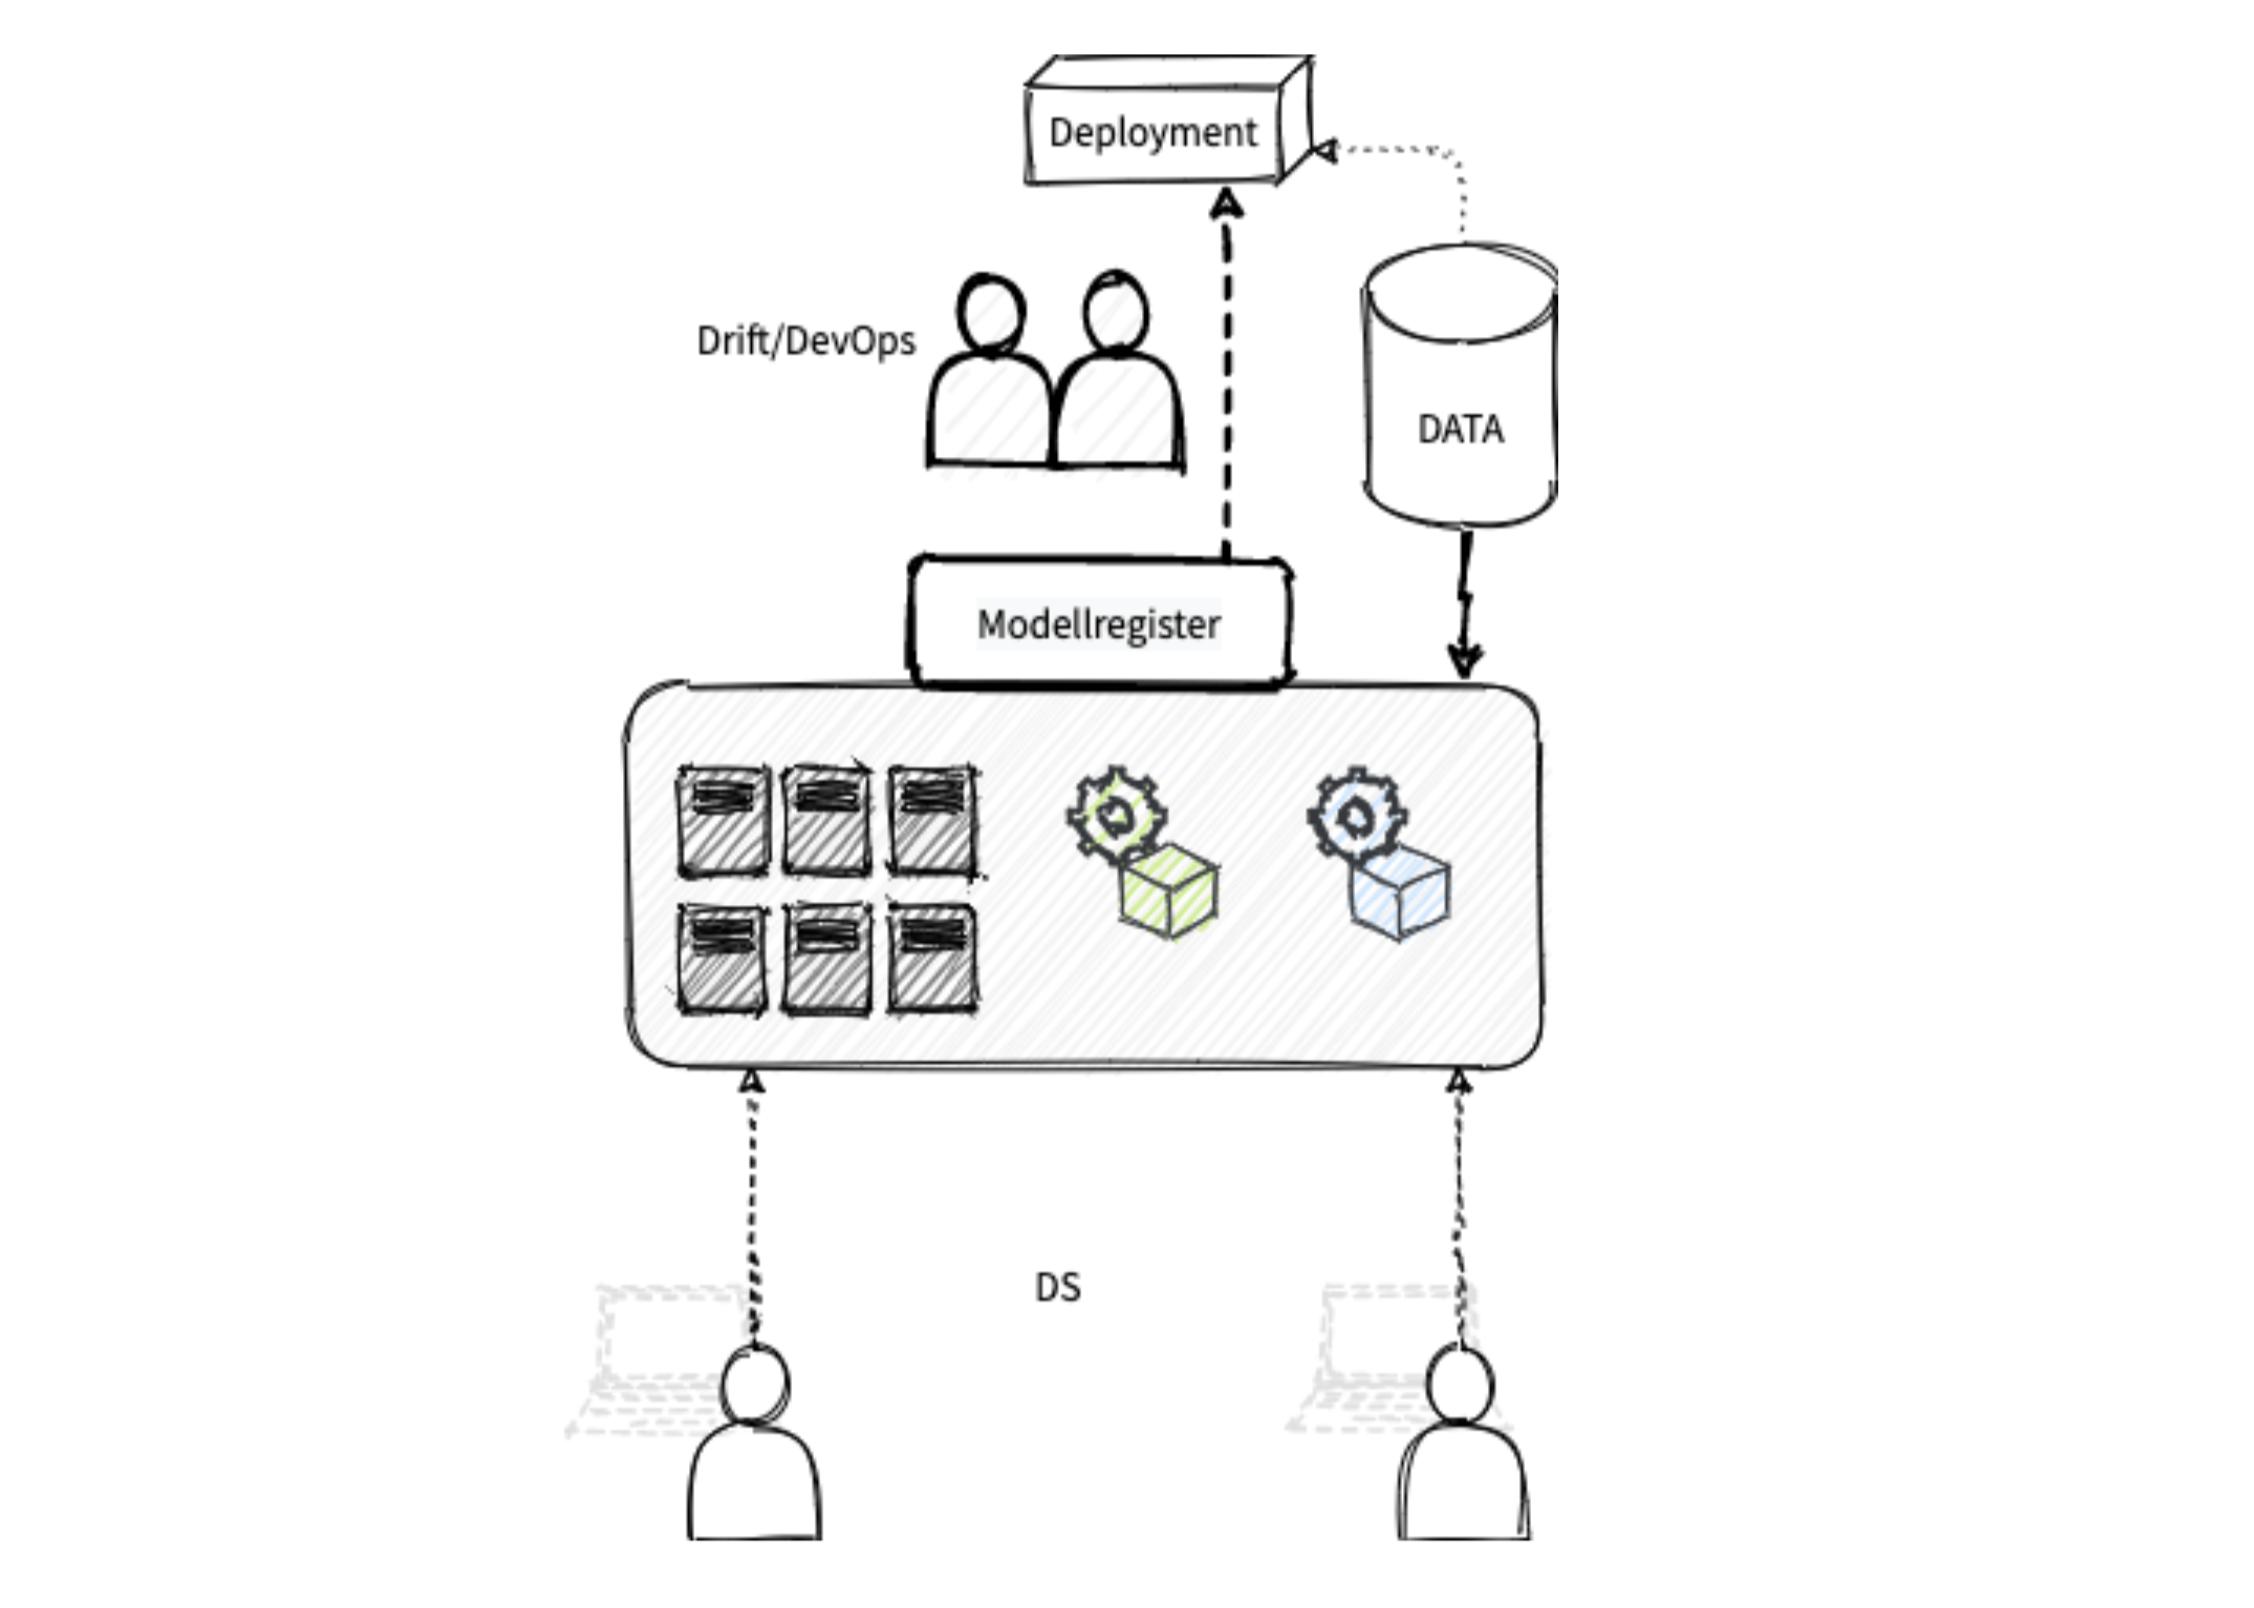 Modell: Arkitektur med et grensesnitt for å benytte ett eller flere delte cluster, som enkelt kan skaleres etter behov.